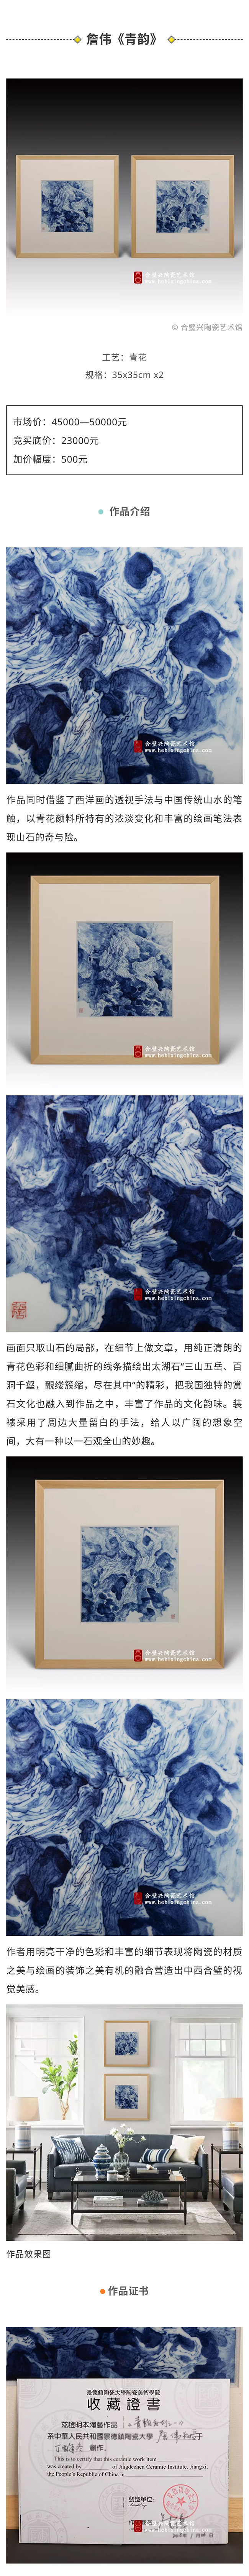 11詹伟 青韵 小.jpg